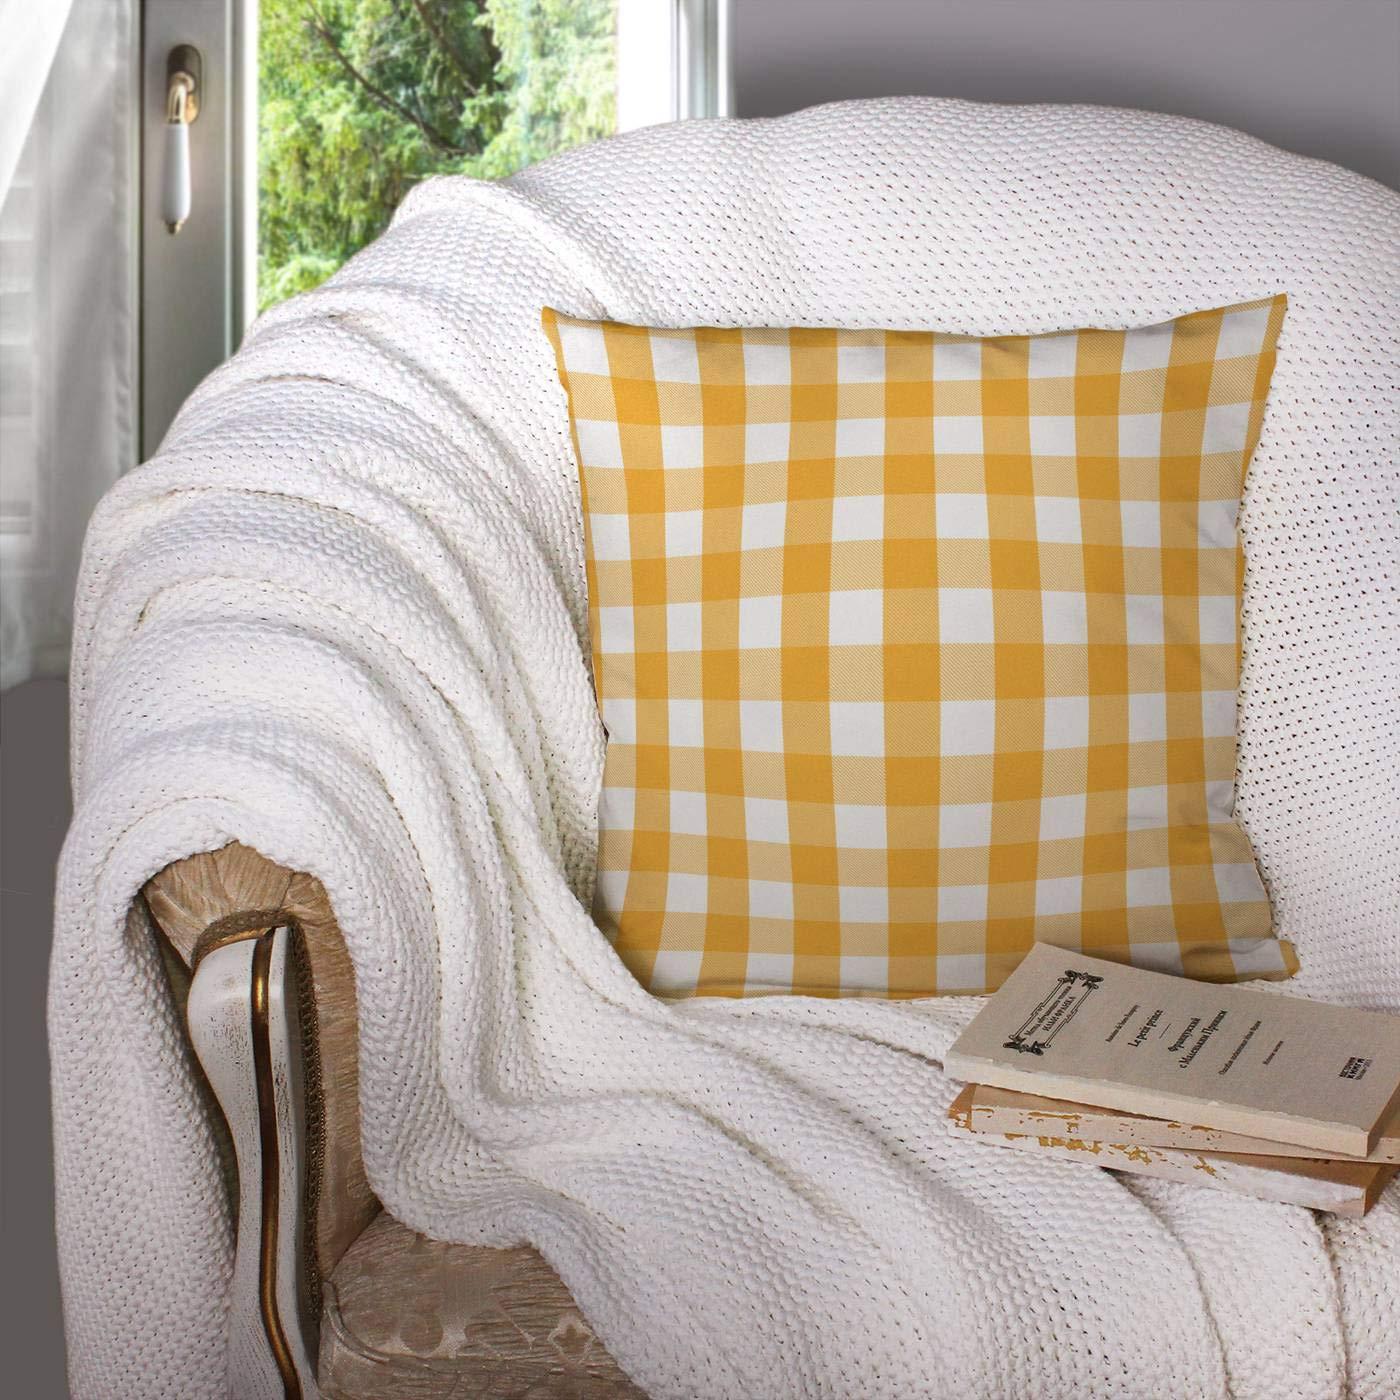 Amazon.com: Sertiony - Funda de almohada cuadrada de 18.0 x ...